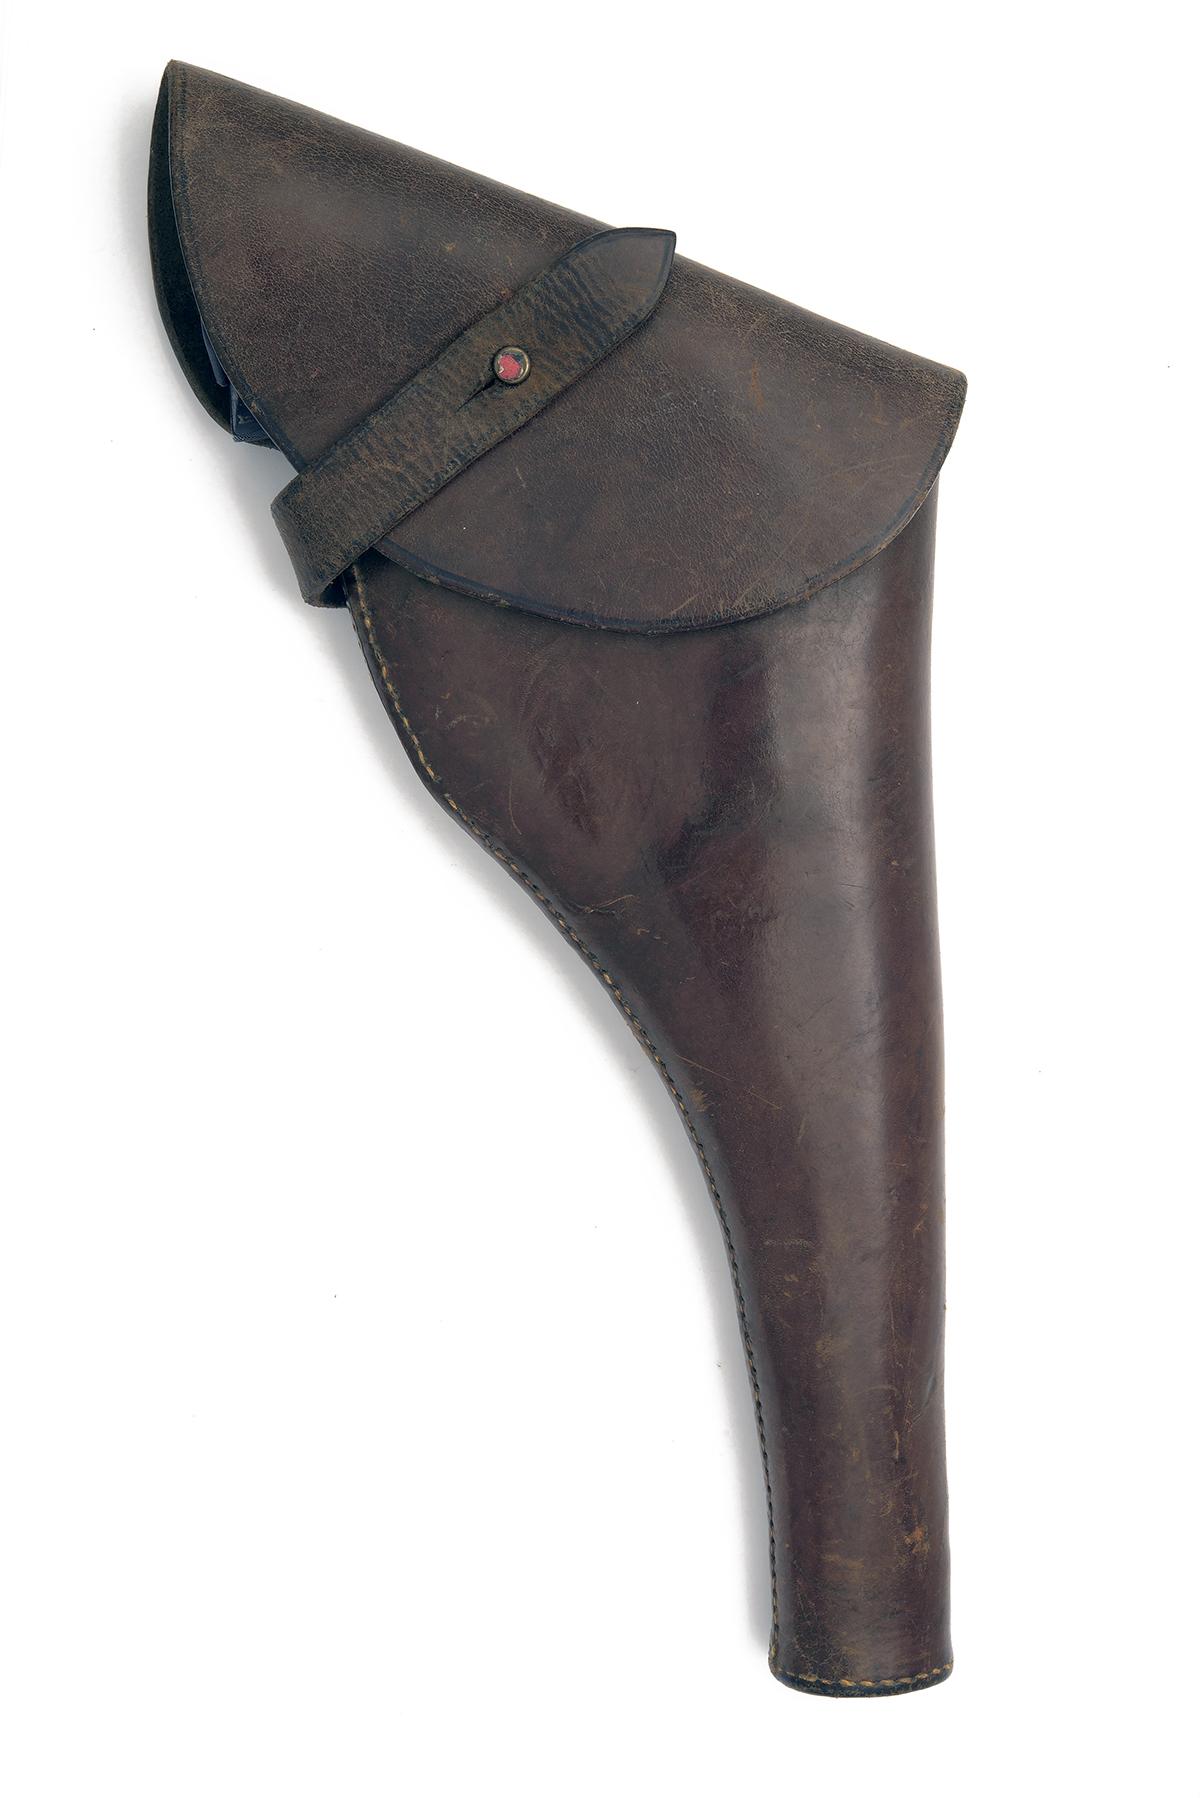 WILKINSON-WEBLEY, LONDON A .455 SEMI-AUTOMATIC SIX-SHOT REVOLVER, MODEL '1911 WILKINSON-WEBLEY - Image 3 of 4